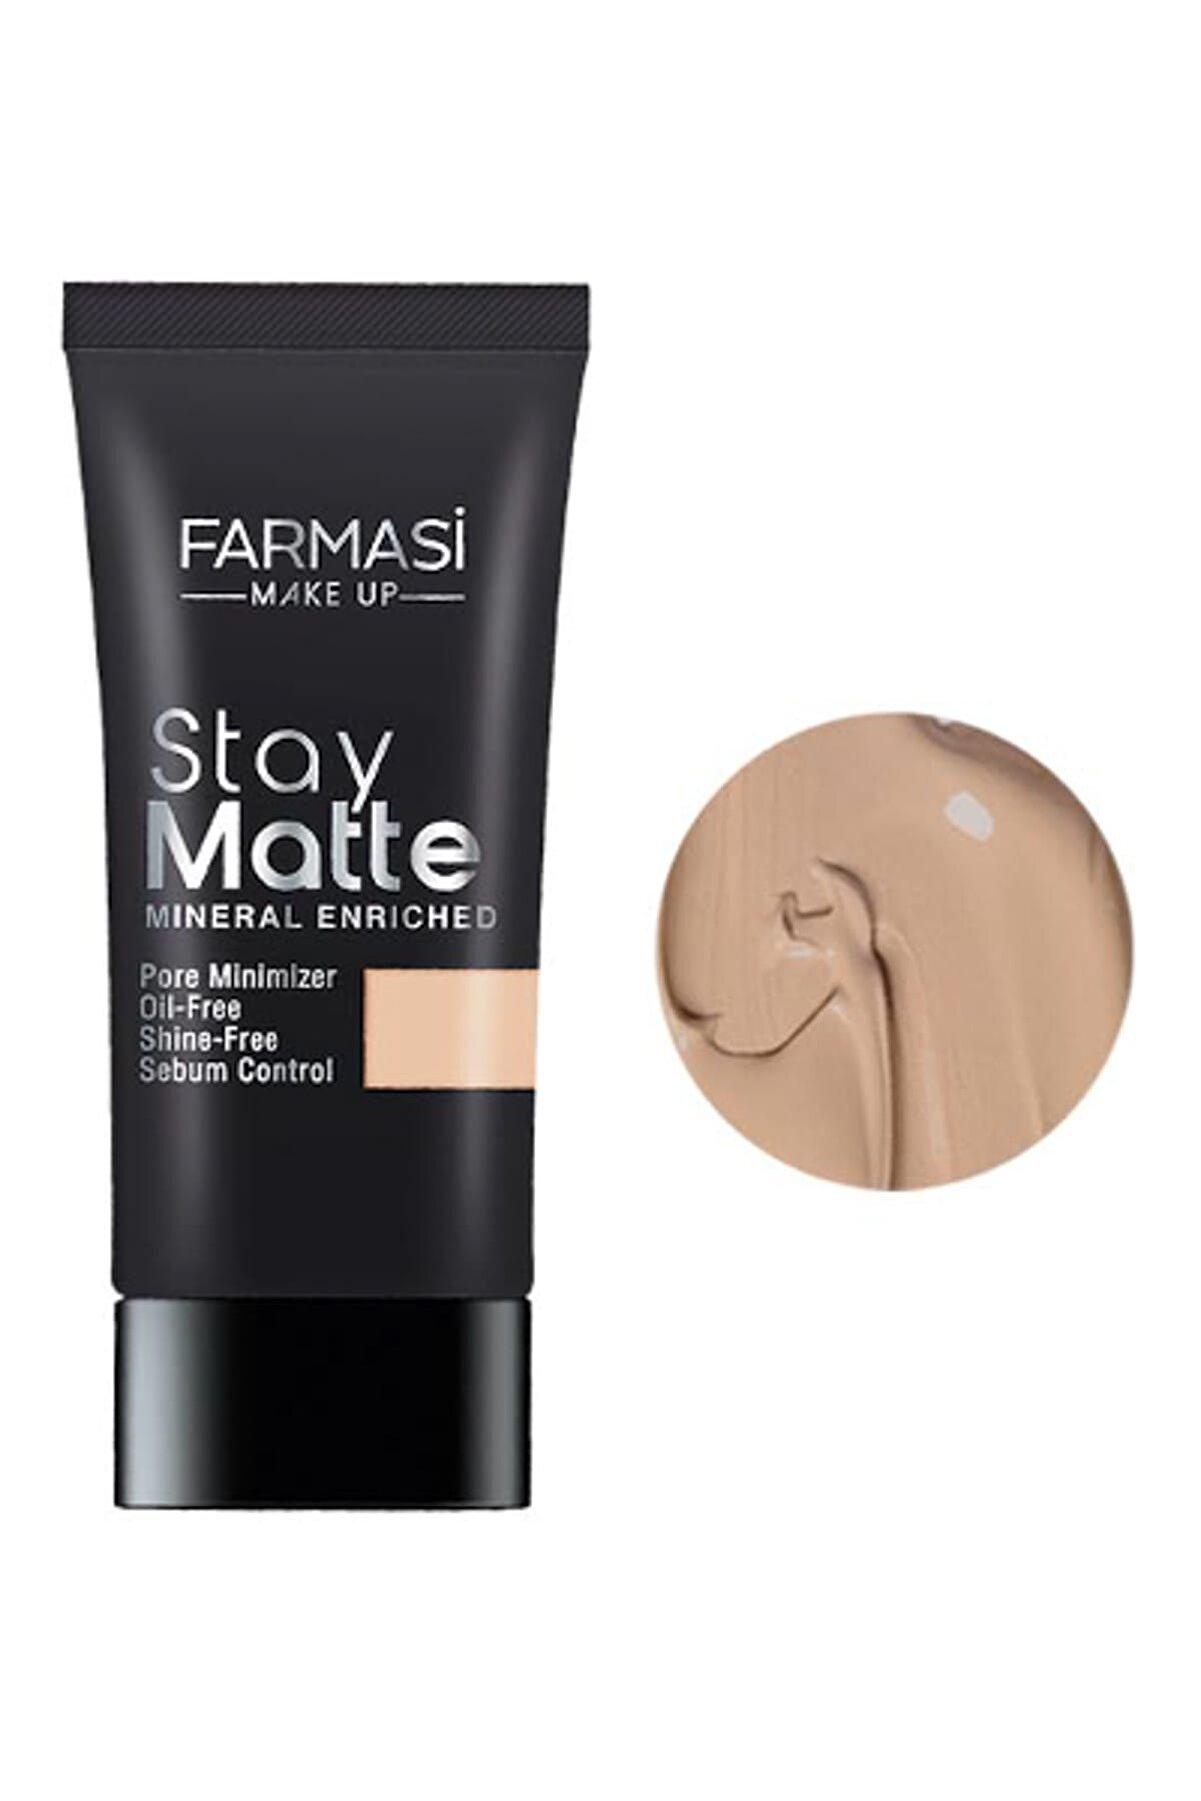 Farmasi Fondöten - Stay Matte Foundation Soft Beige 06 30 ml 8690131772352